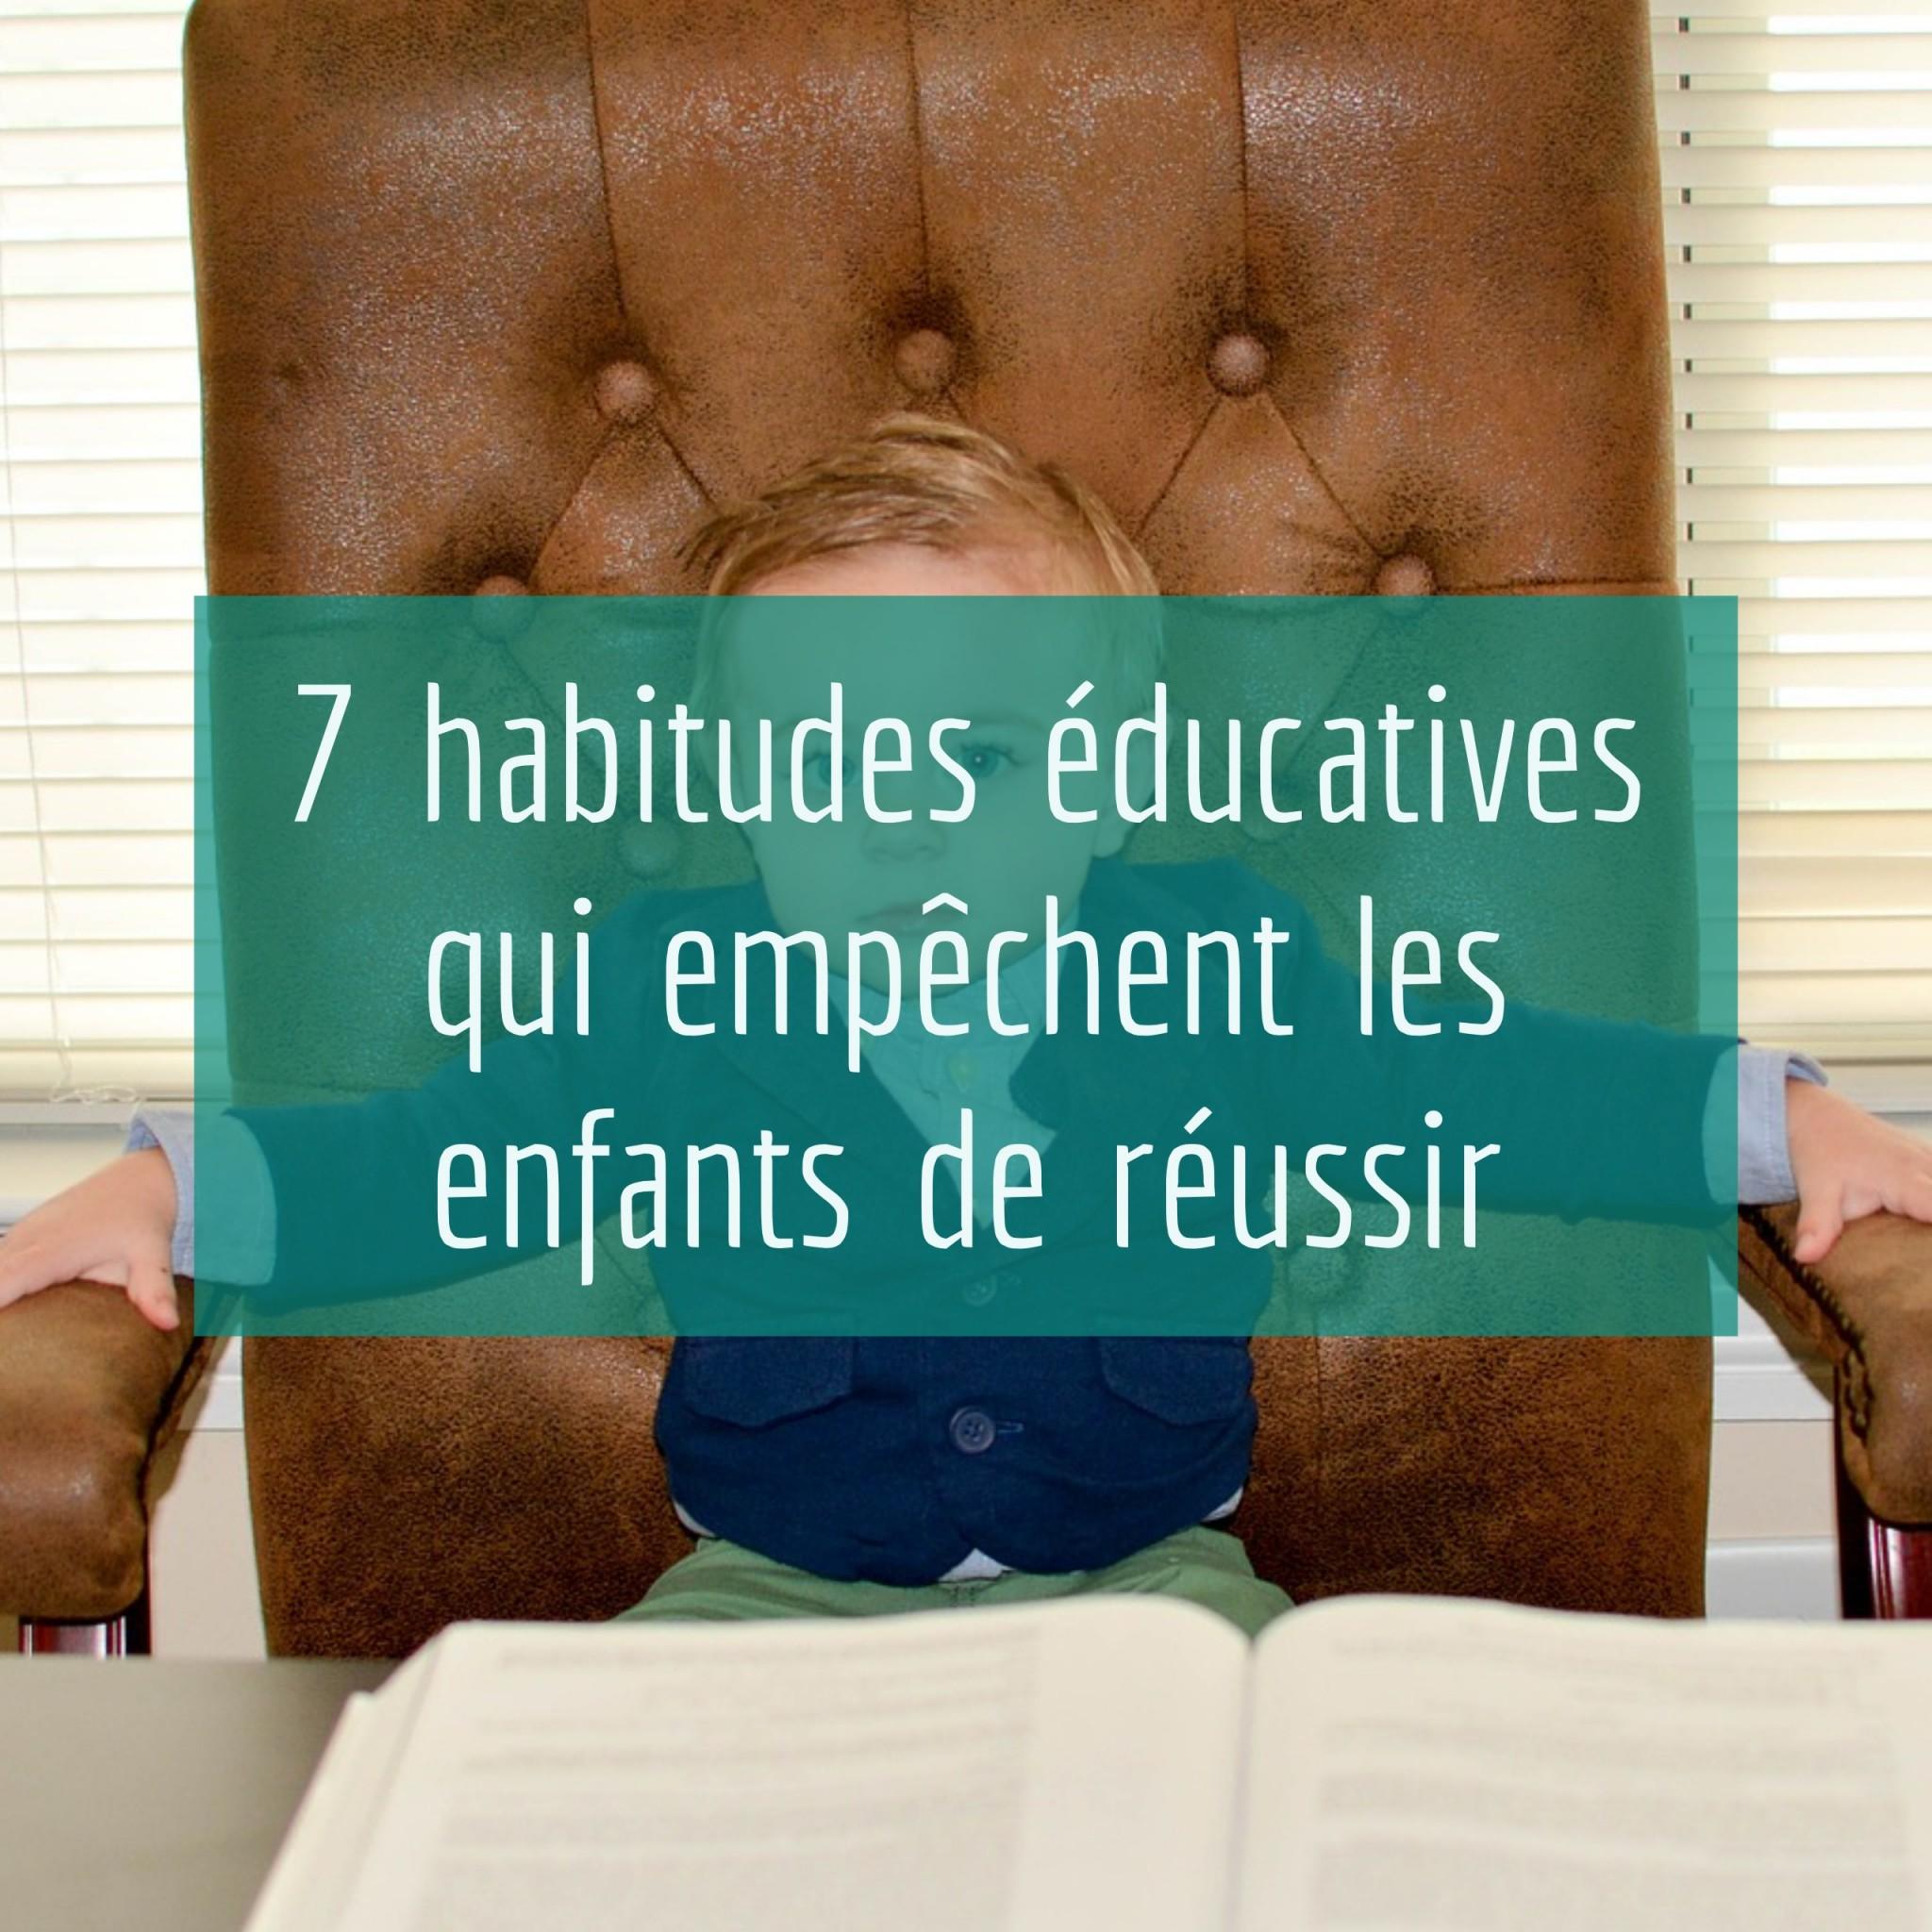 7 habitudes éducatives qui empêchent les enfants de réussir